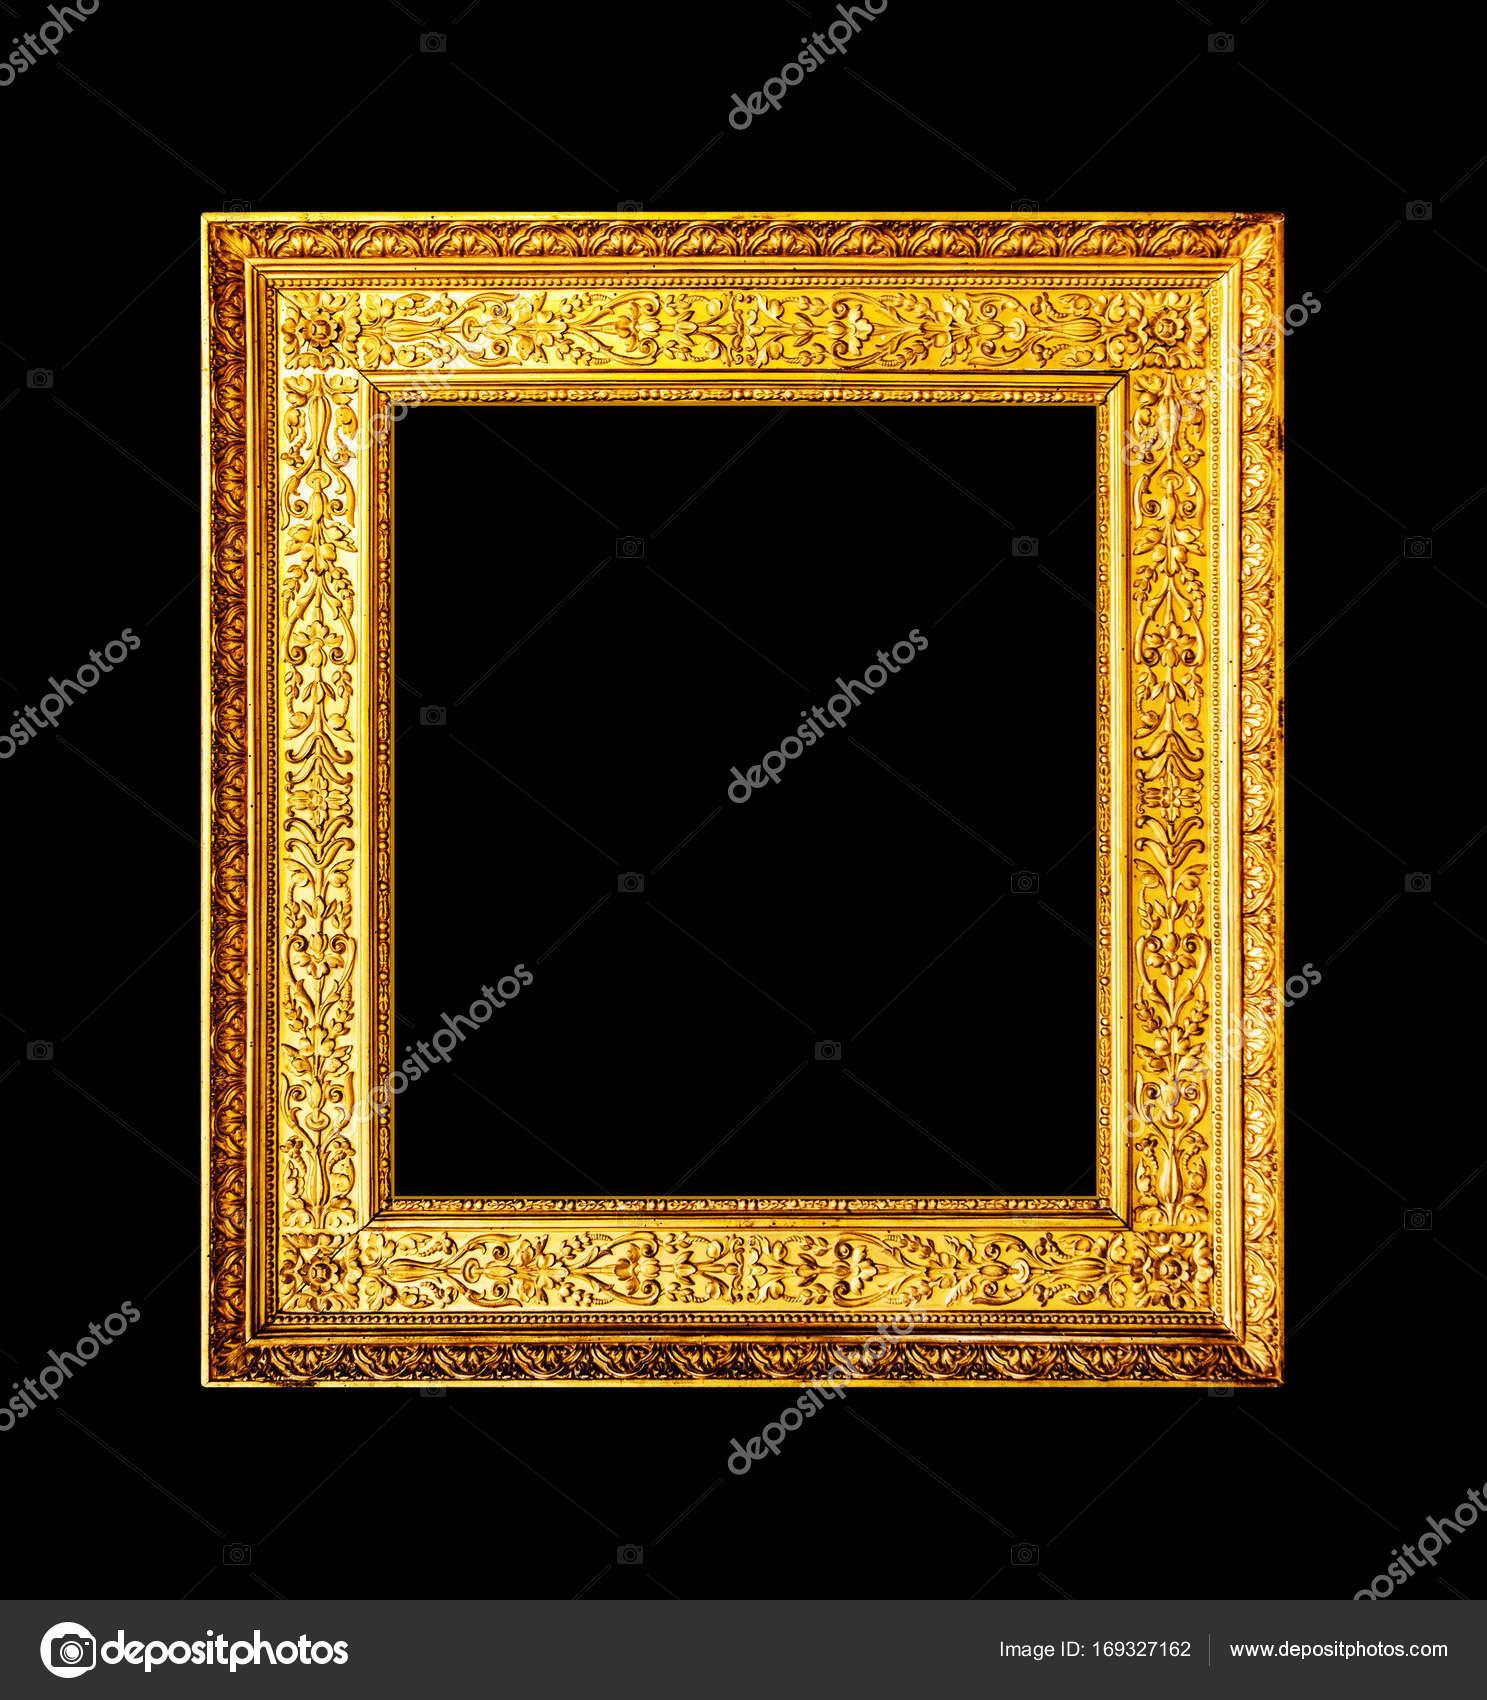 Old wood ornate frame isolated on black stock photo arcady old wood ornate frame isolated on black stock photo jeuxipadfo Images